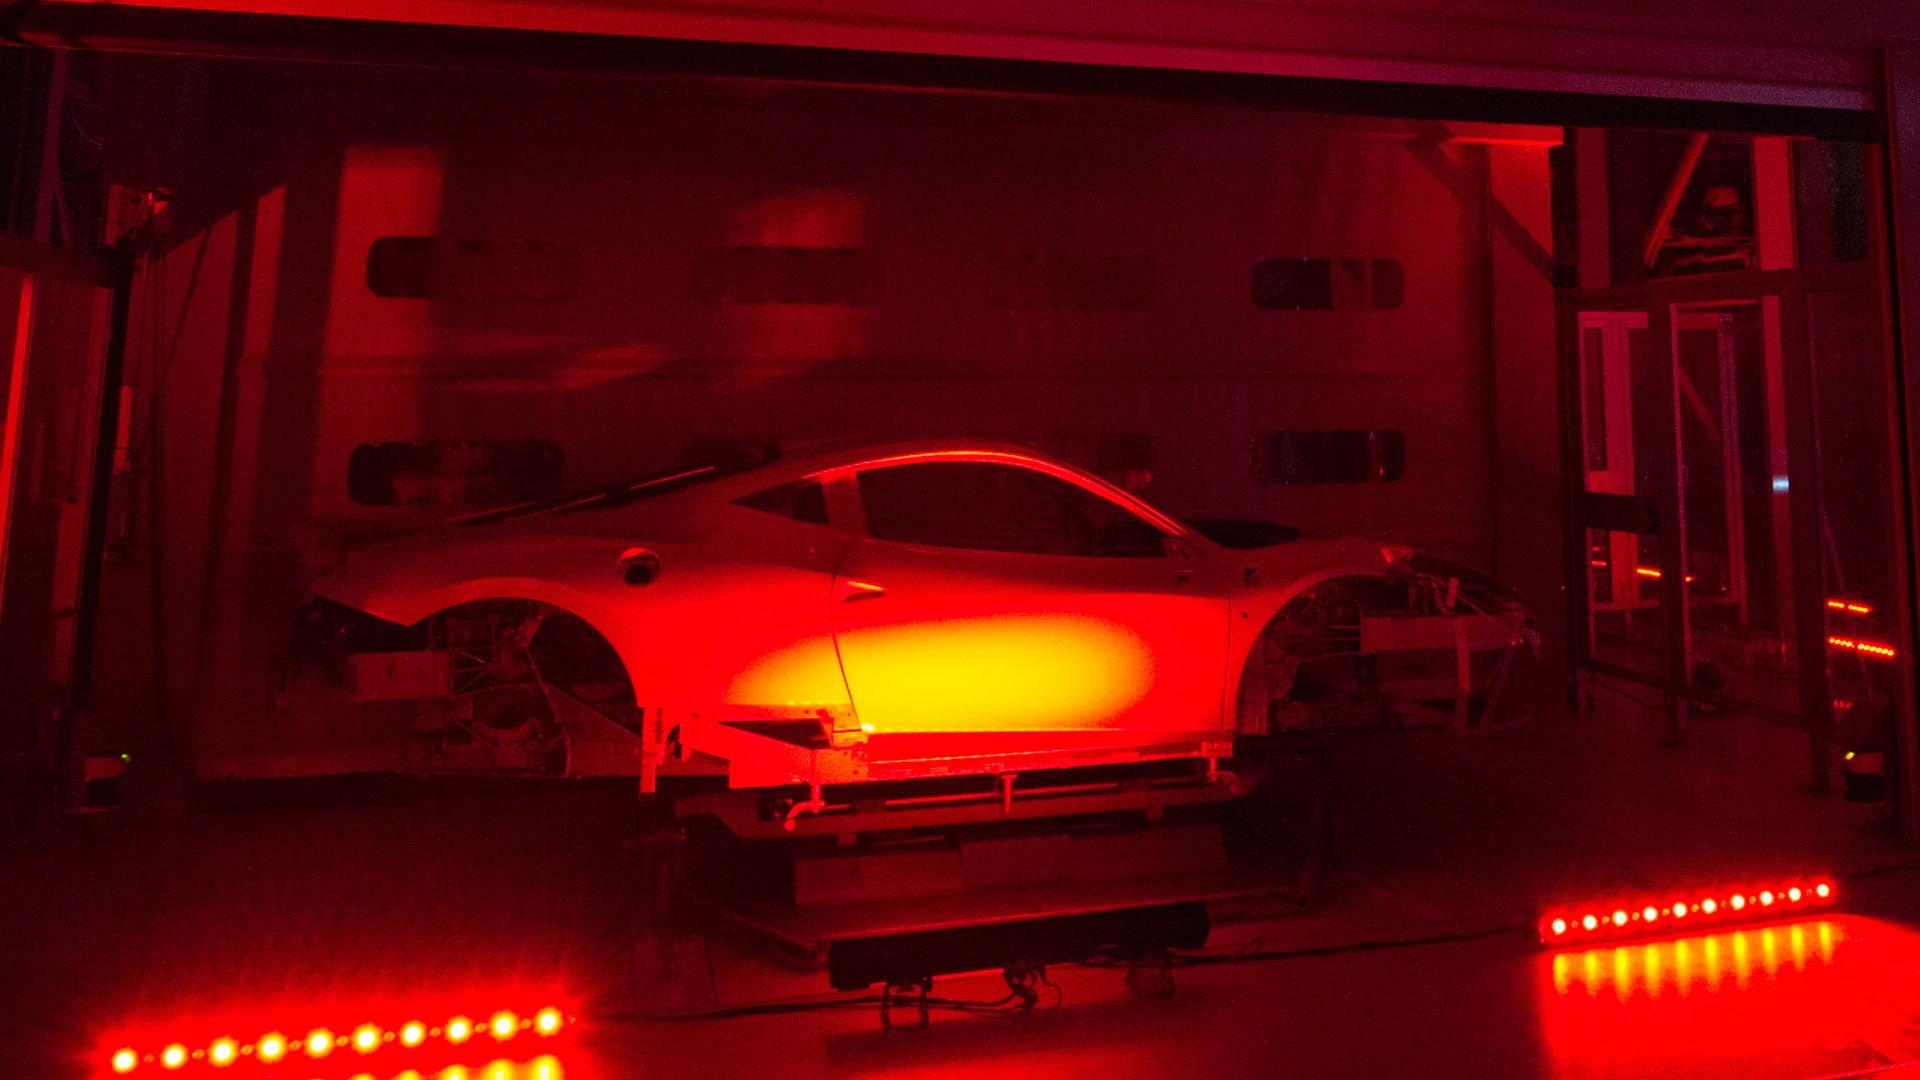 Ferrari 488 GTB launch in Maranello, Italy